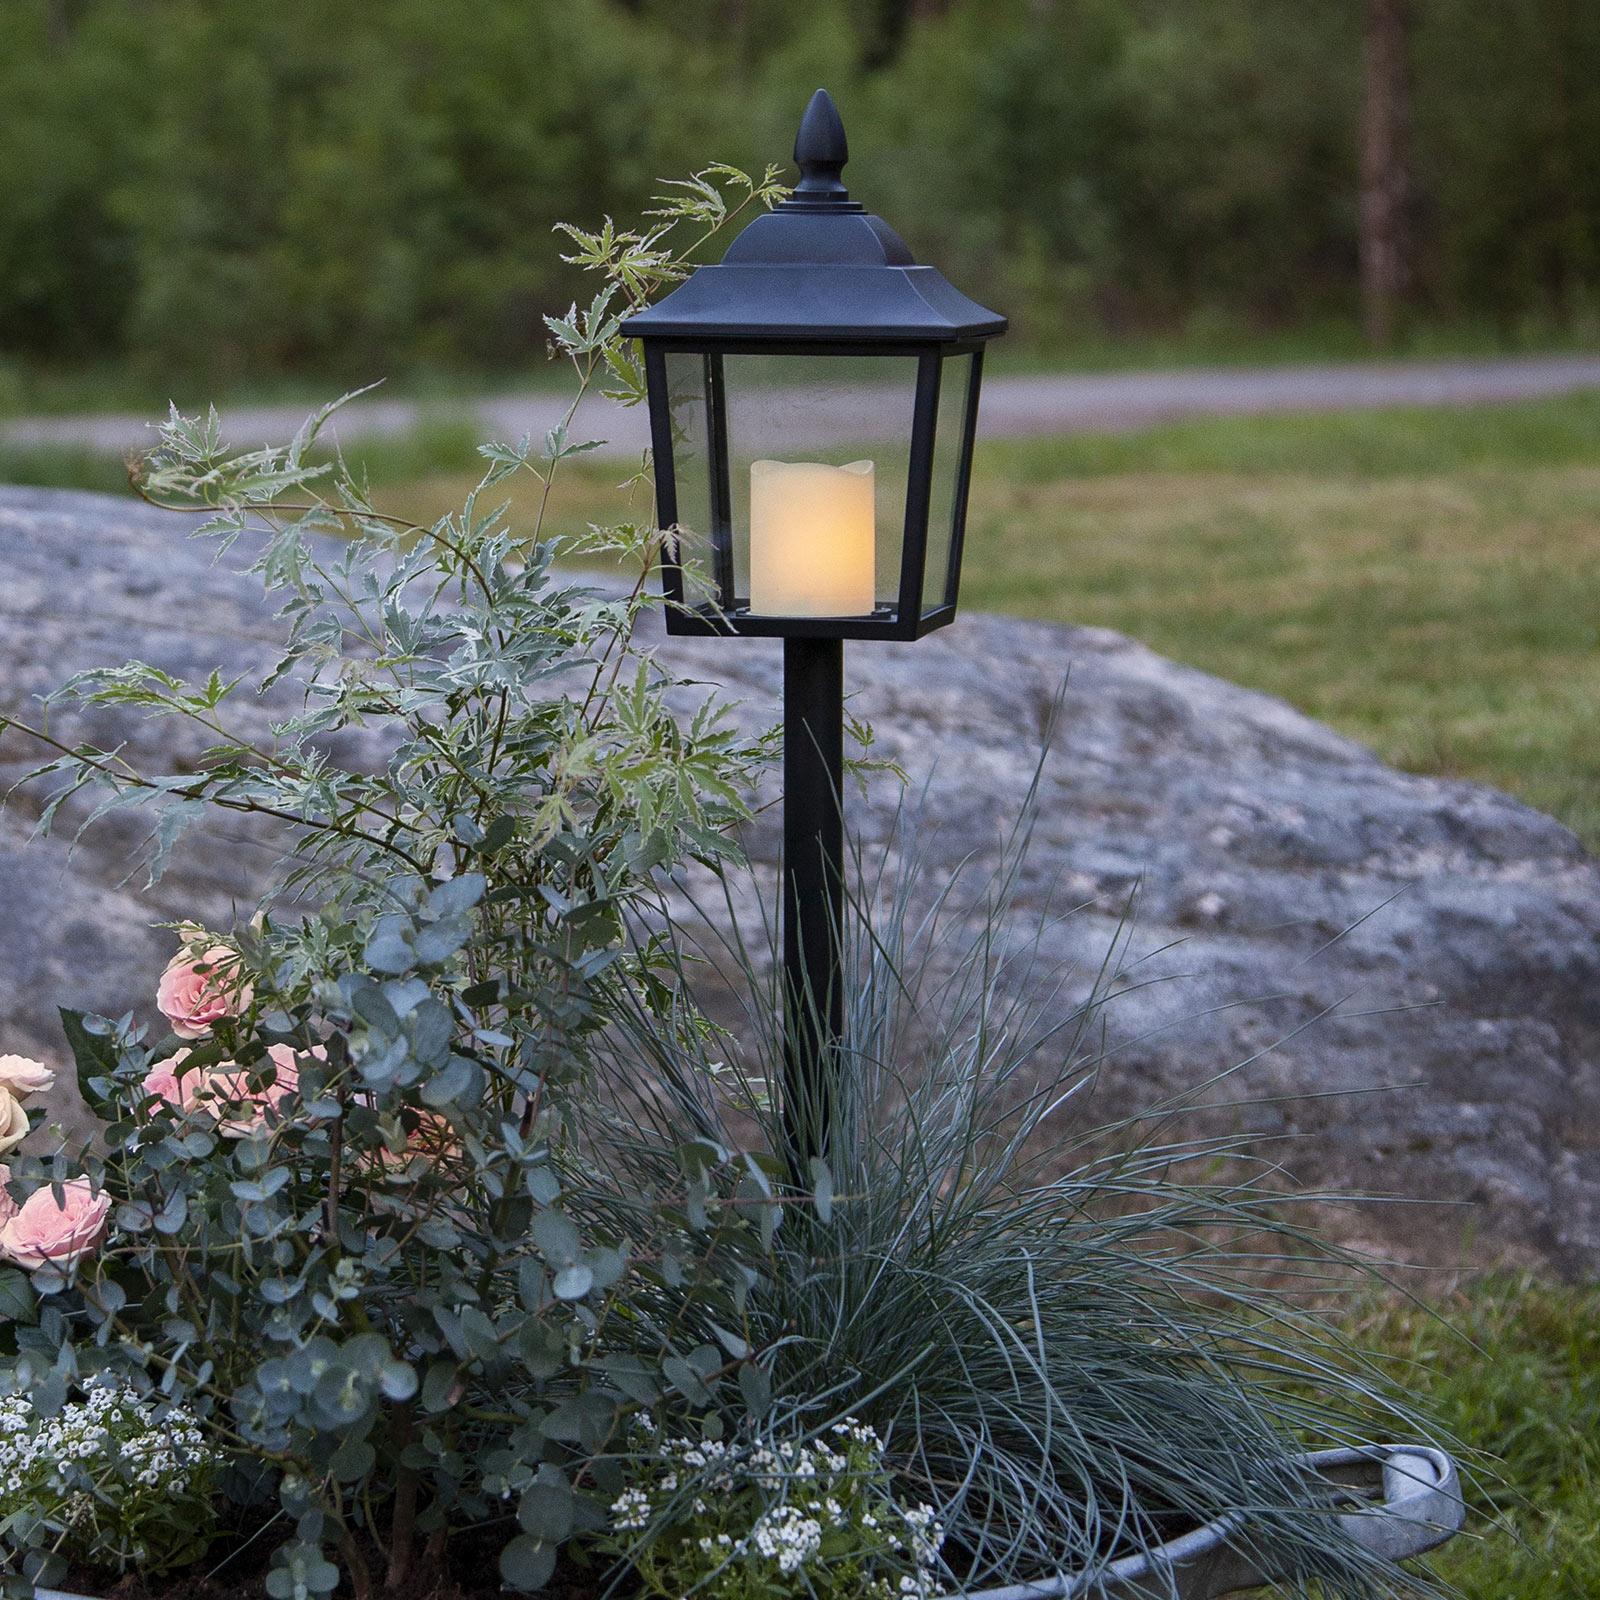 LED-gravlykt Flame Lantern, høyde 52 cm